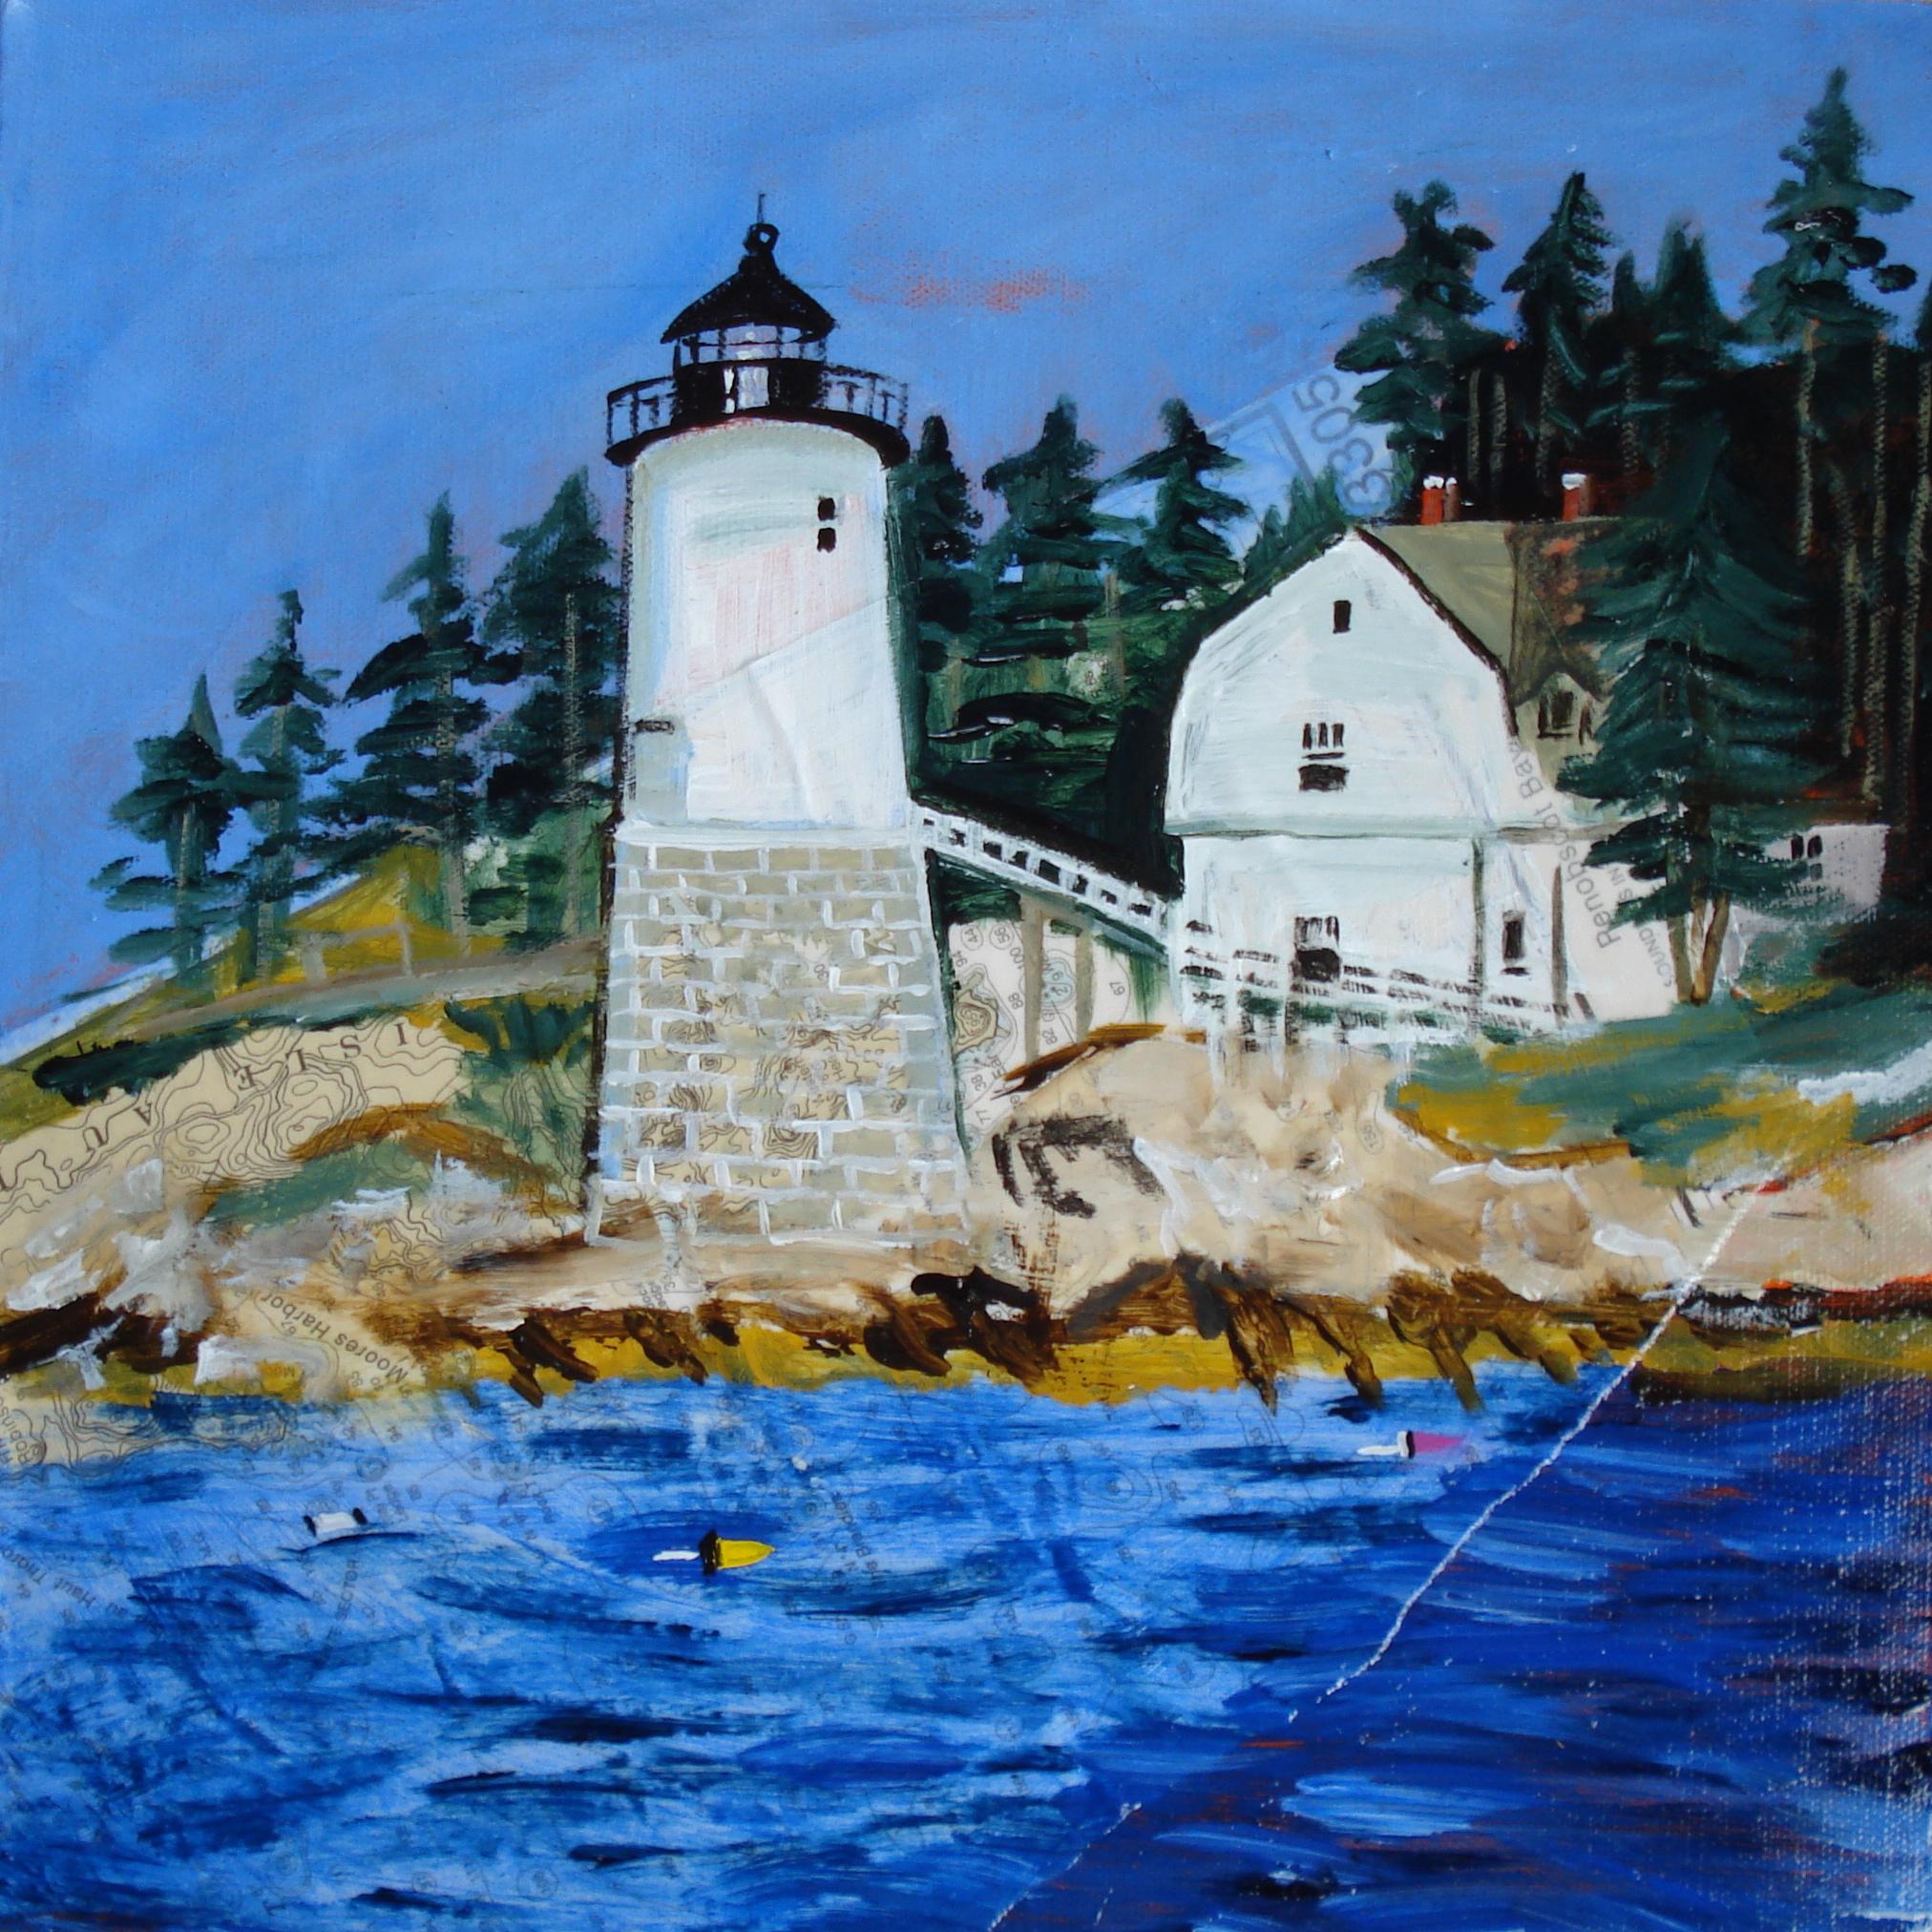 """""""Isle au Haut Light""""  (c) Katy Allgeyer 2009"""